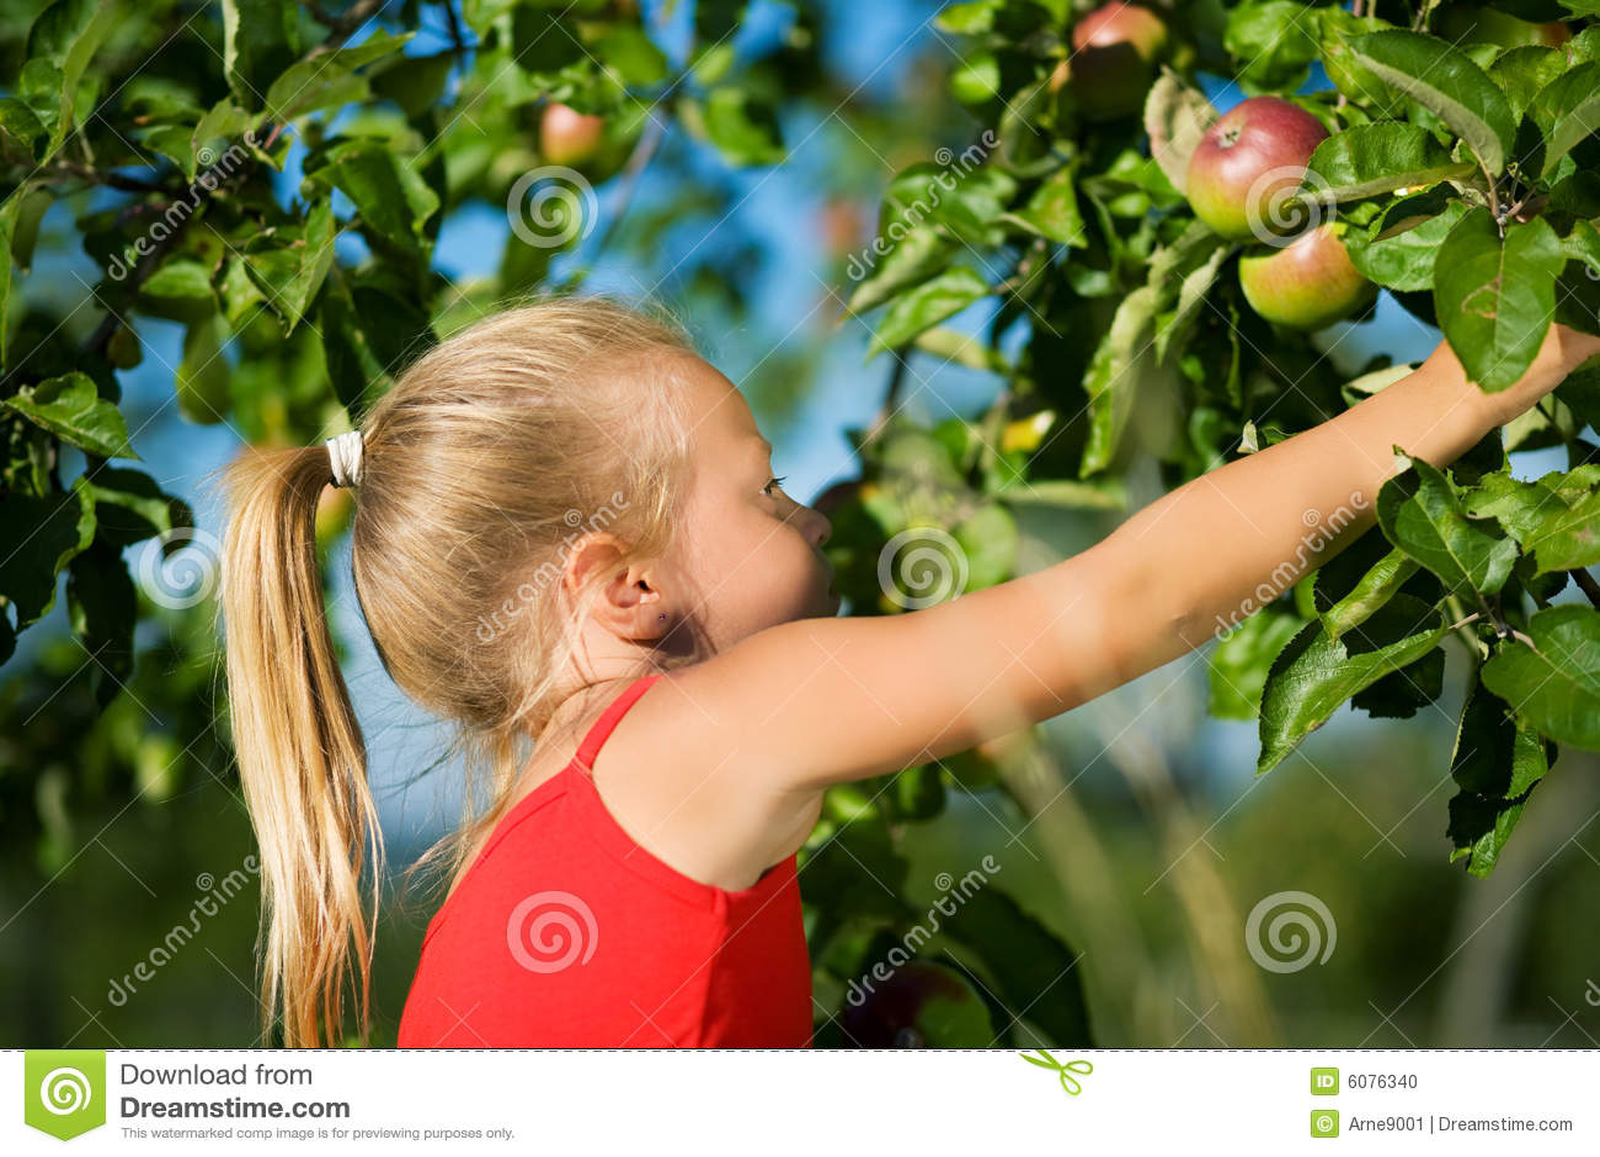 Ergreifung des Apfels